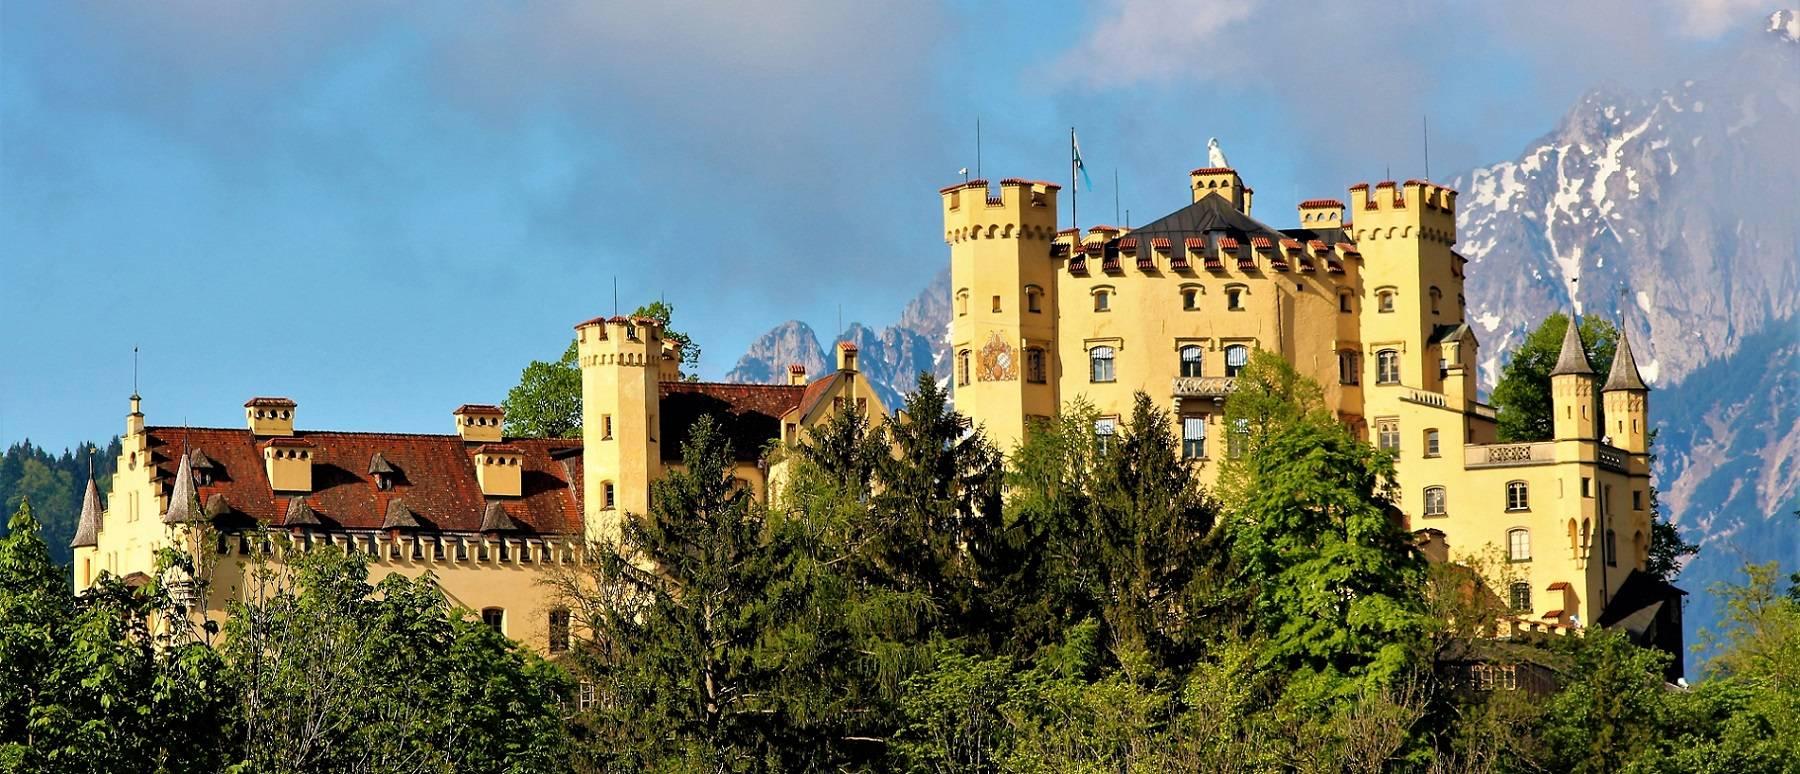 Замок линдерхоф в баварии – информация для туристов (с фото)